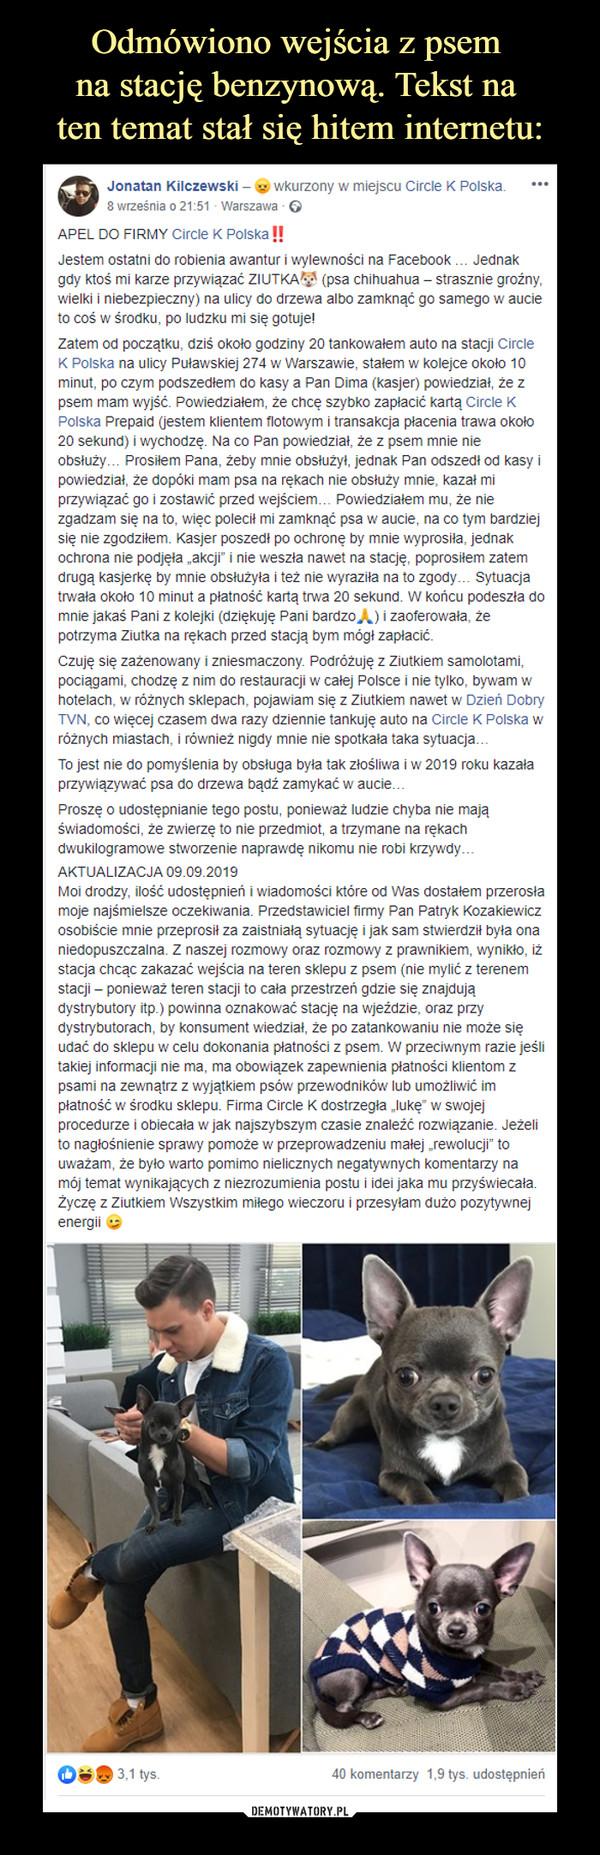 –  APEL DO FIRMY Circle K Polska‼️Jestem ostatni do robienia awantur i wylewności na Facebook … Jednak gdy ktoś mi karze przywiązać ZIUTKA